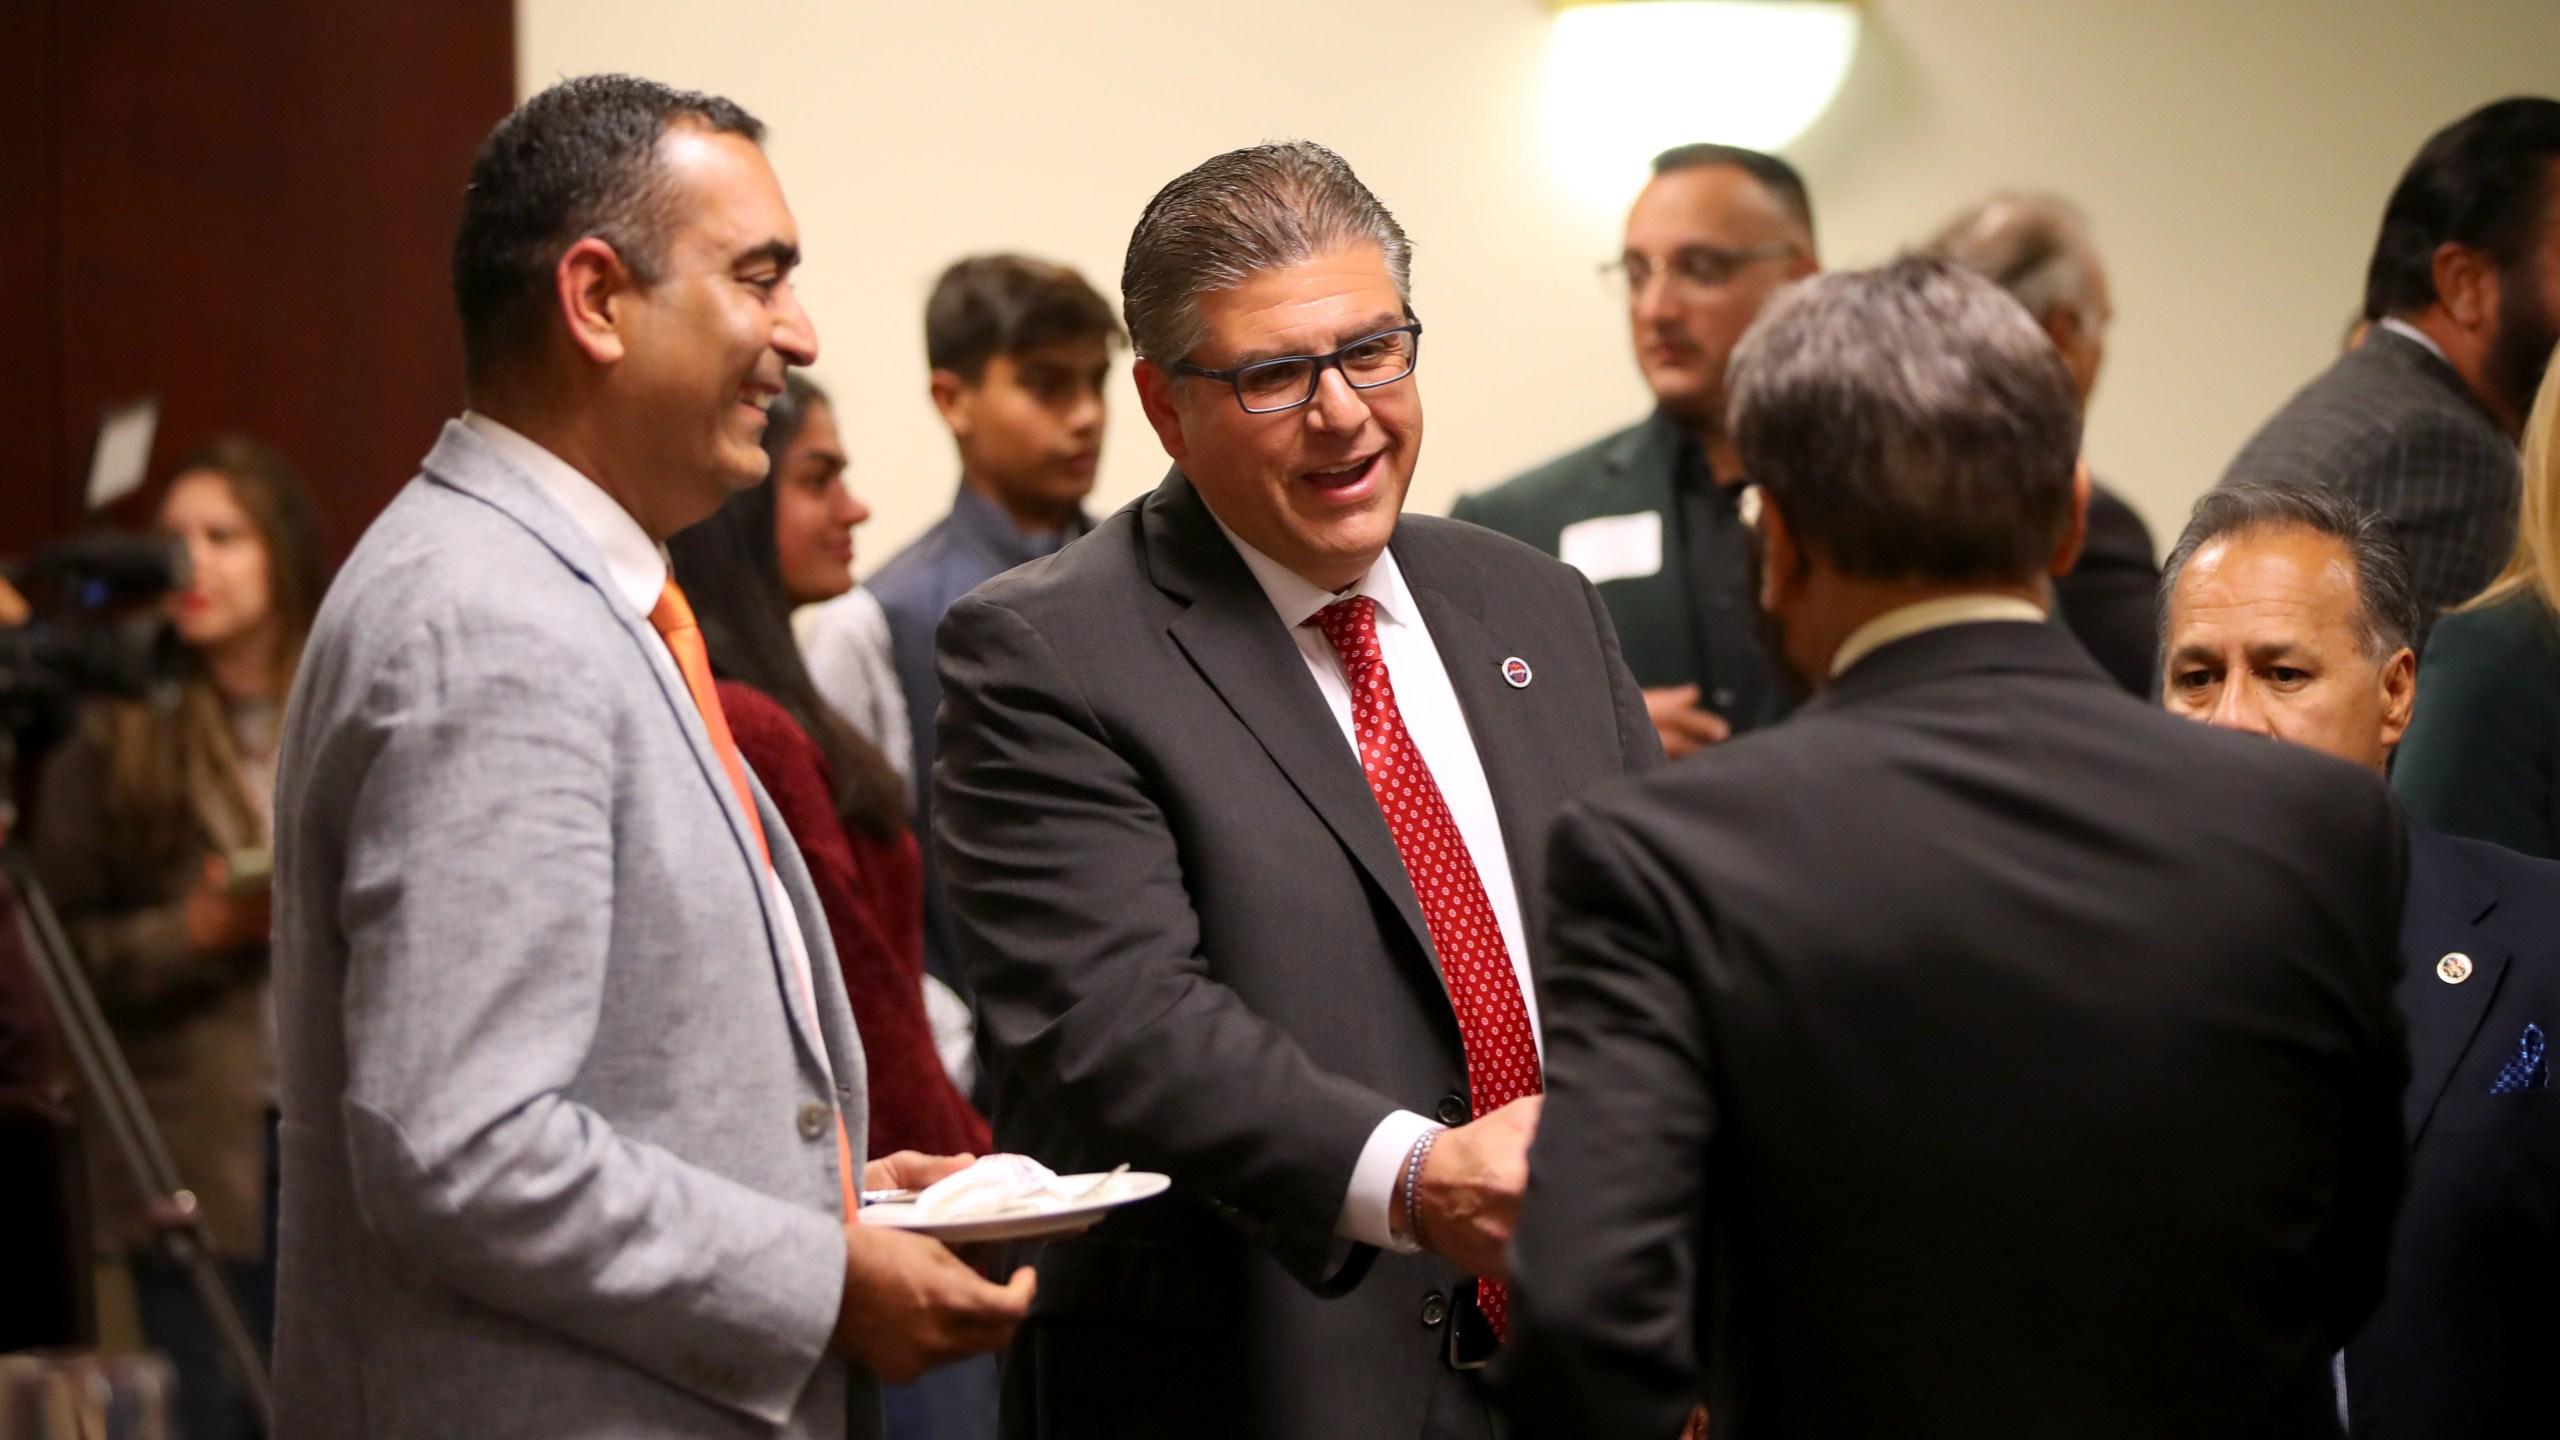 'Role model' Fresno State President Joseph Castro appointed CSU Chancellor